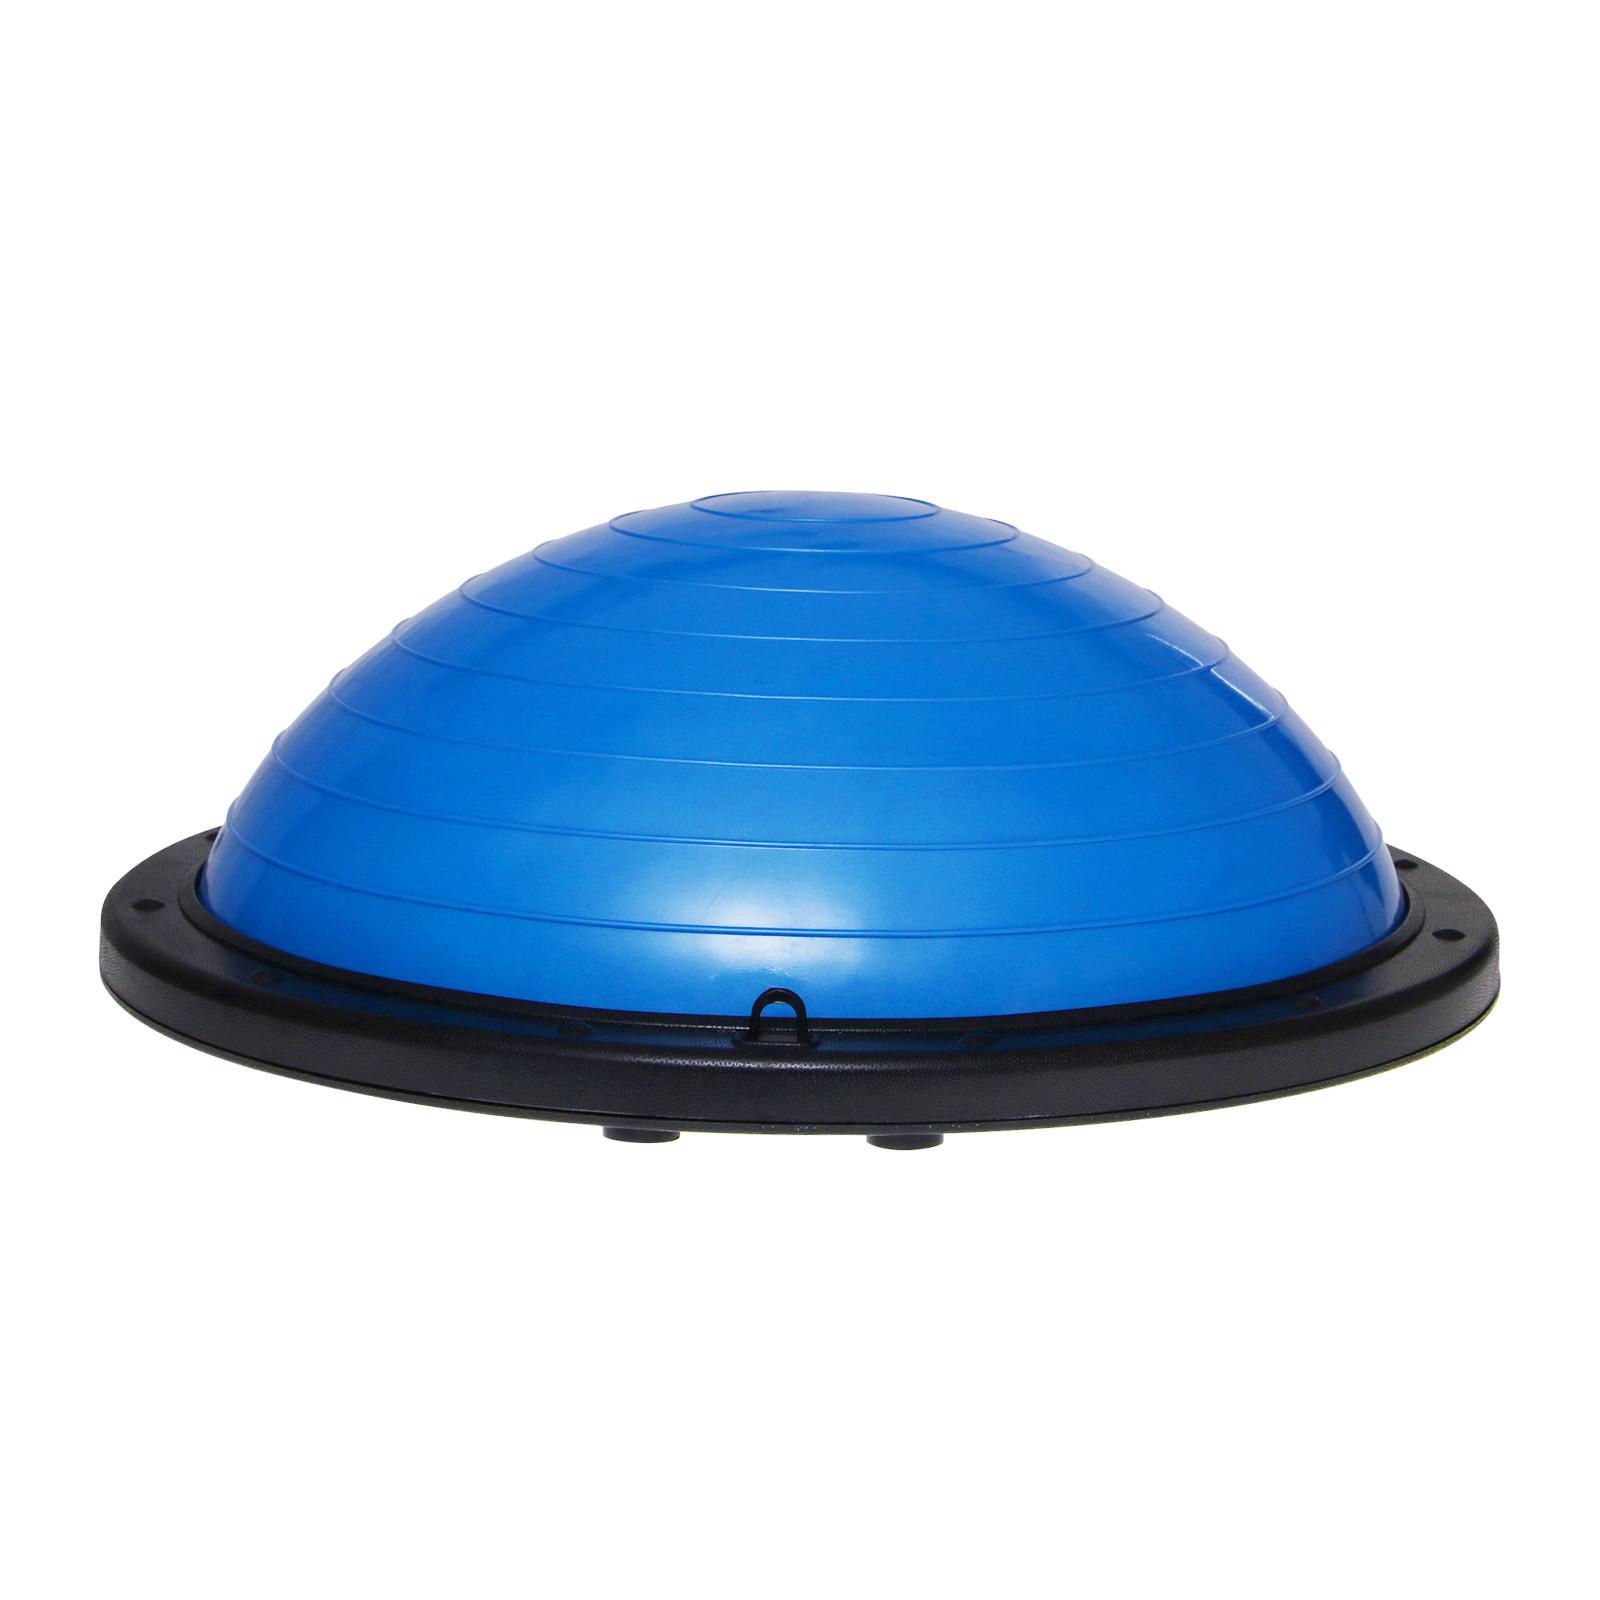 Bosu Ball Uk Stockists: 23 Balance Yoga Trainer Ball Kit W/ Pump Workout